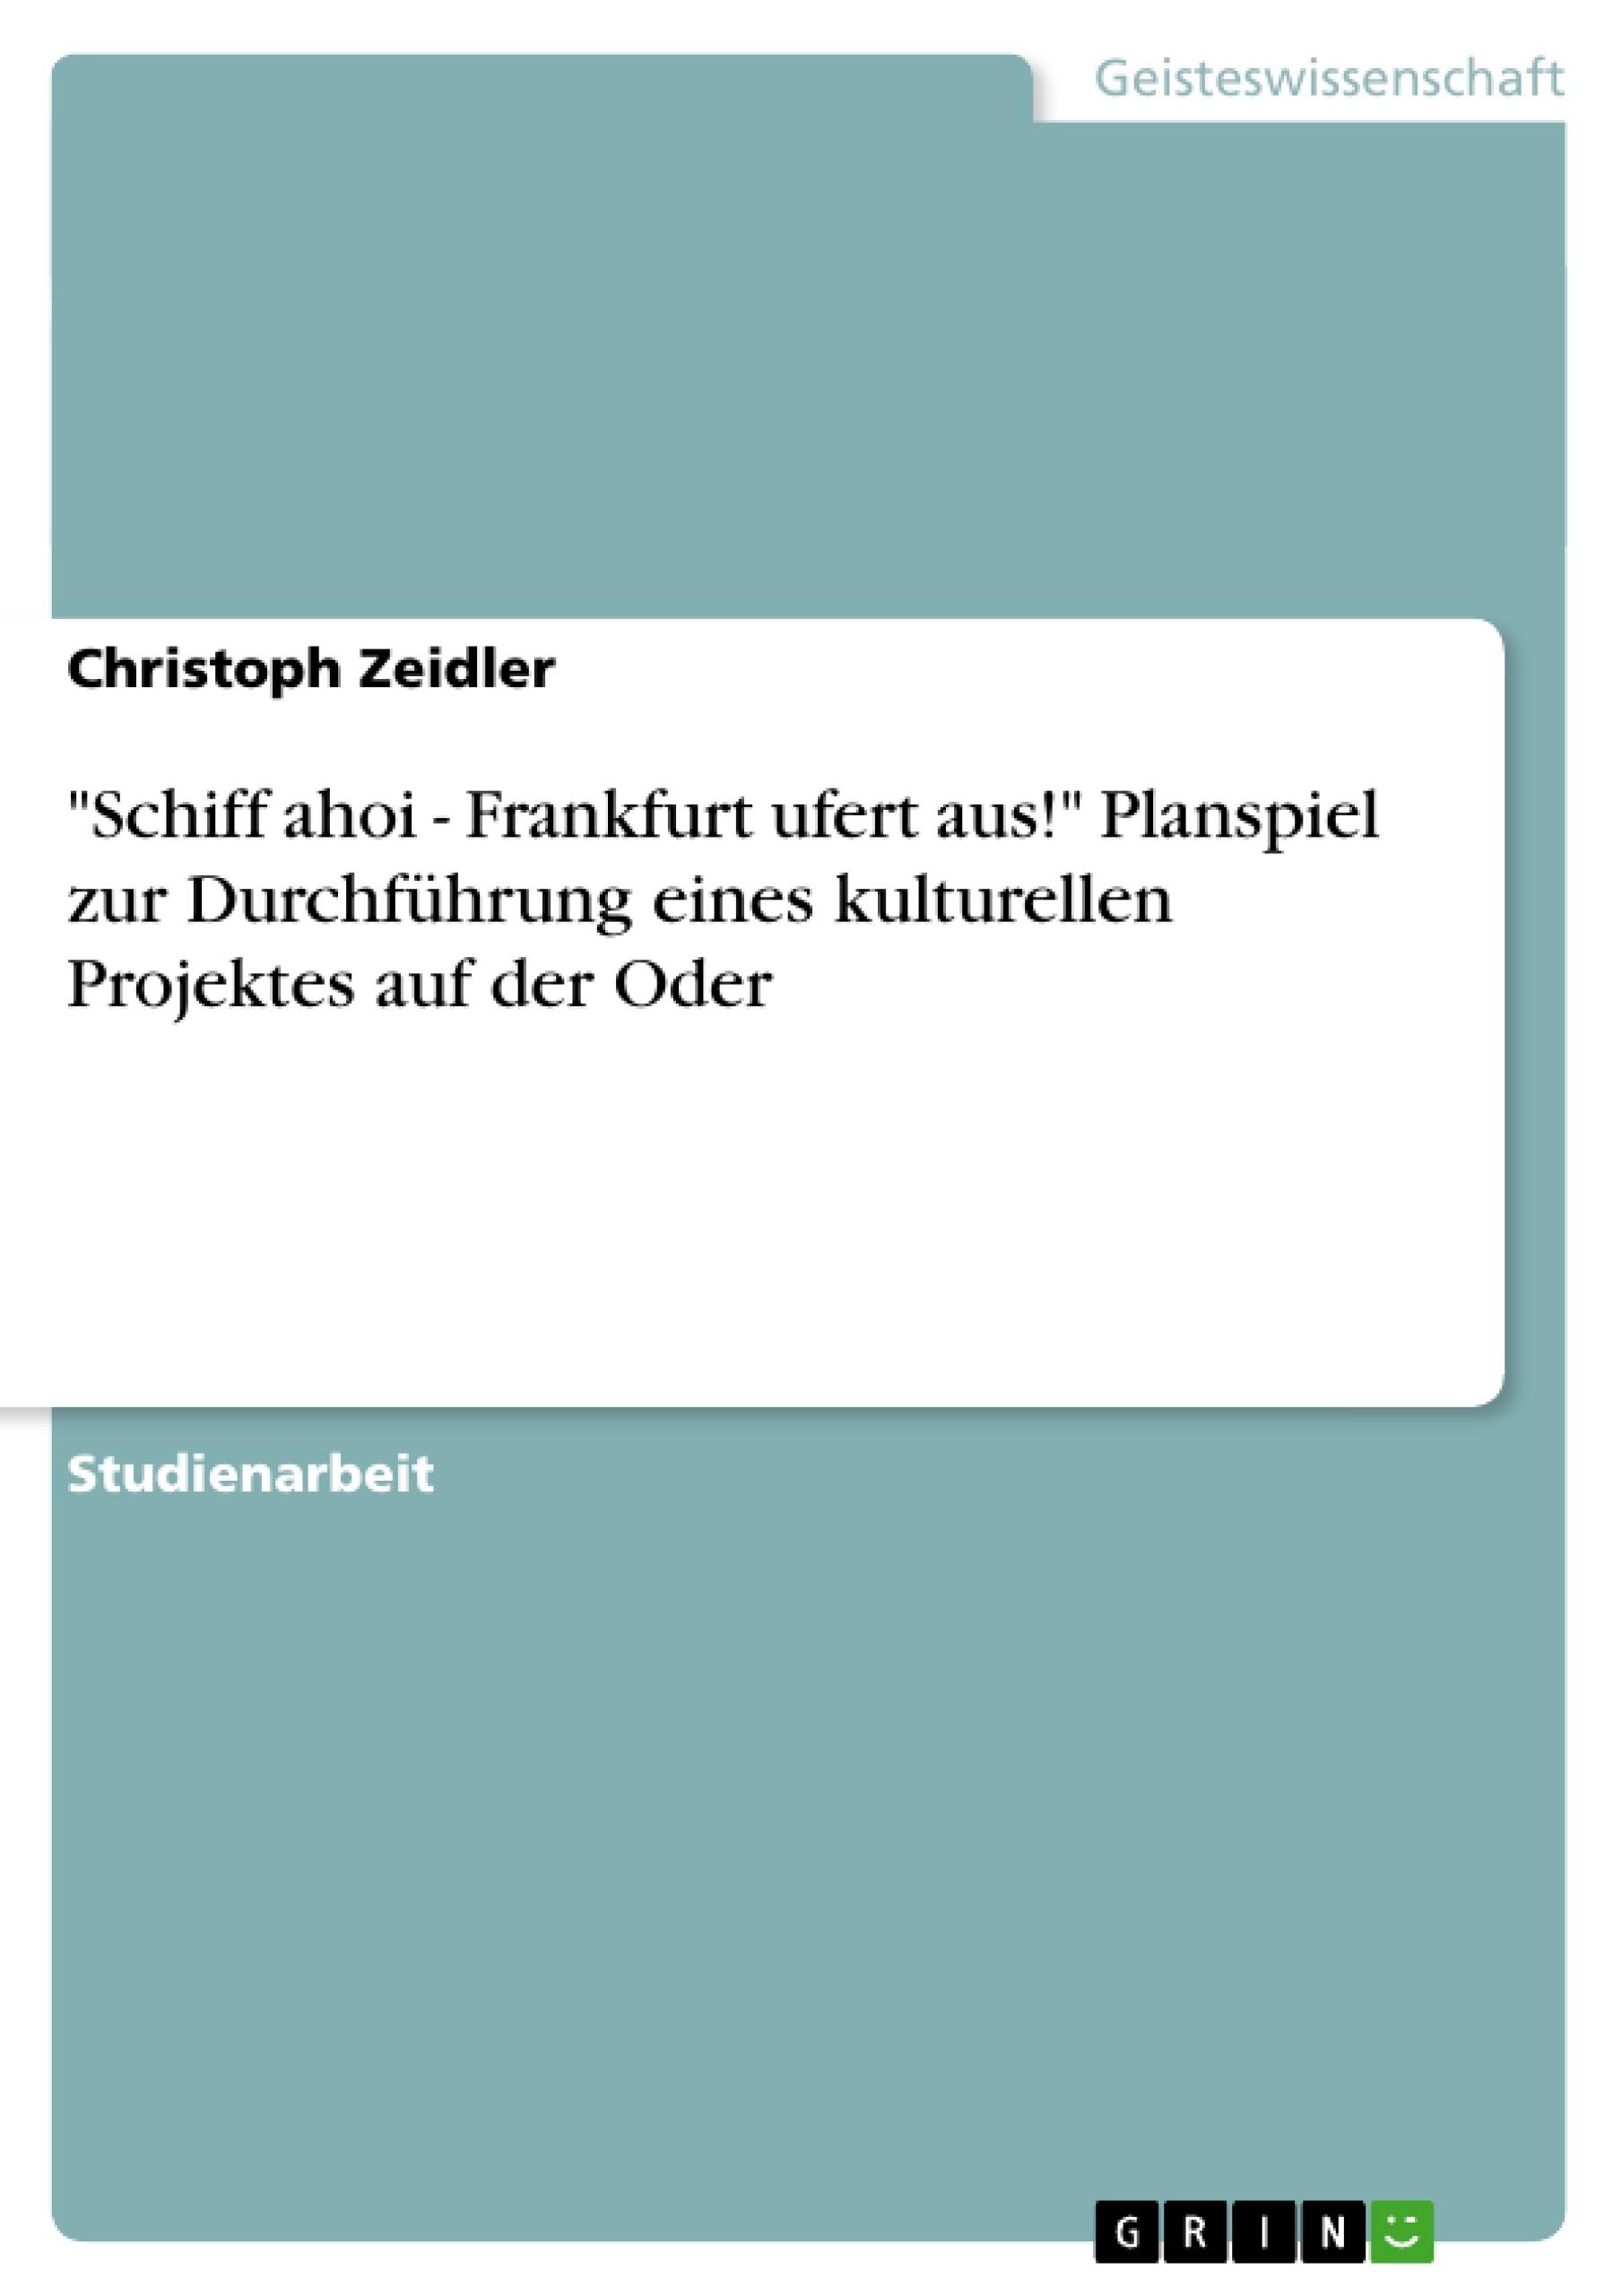 """Titel: """"Schiff ahoi - Frankfurt ufert aus!"""" Planspiel zur Durchführung eines kulturellen Projektes auf der Oder"""